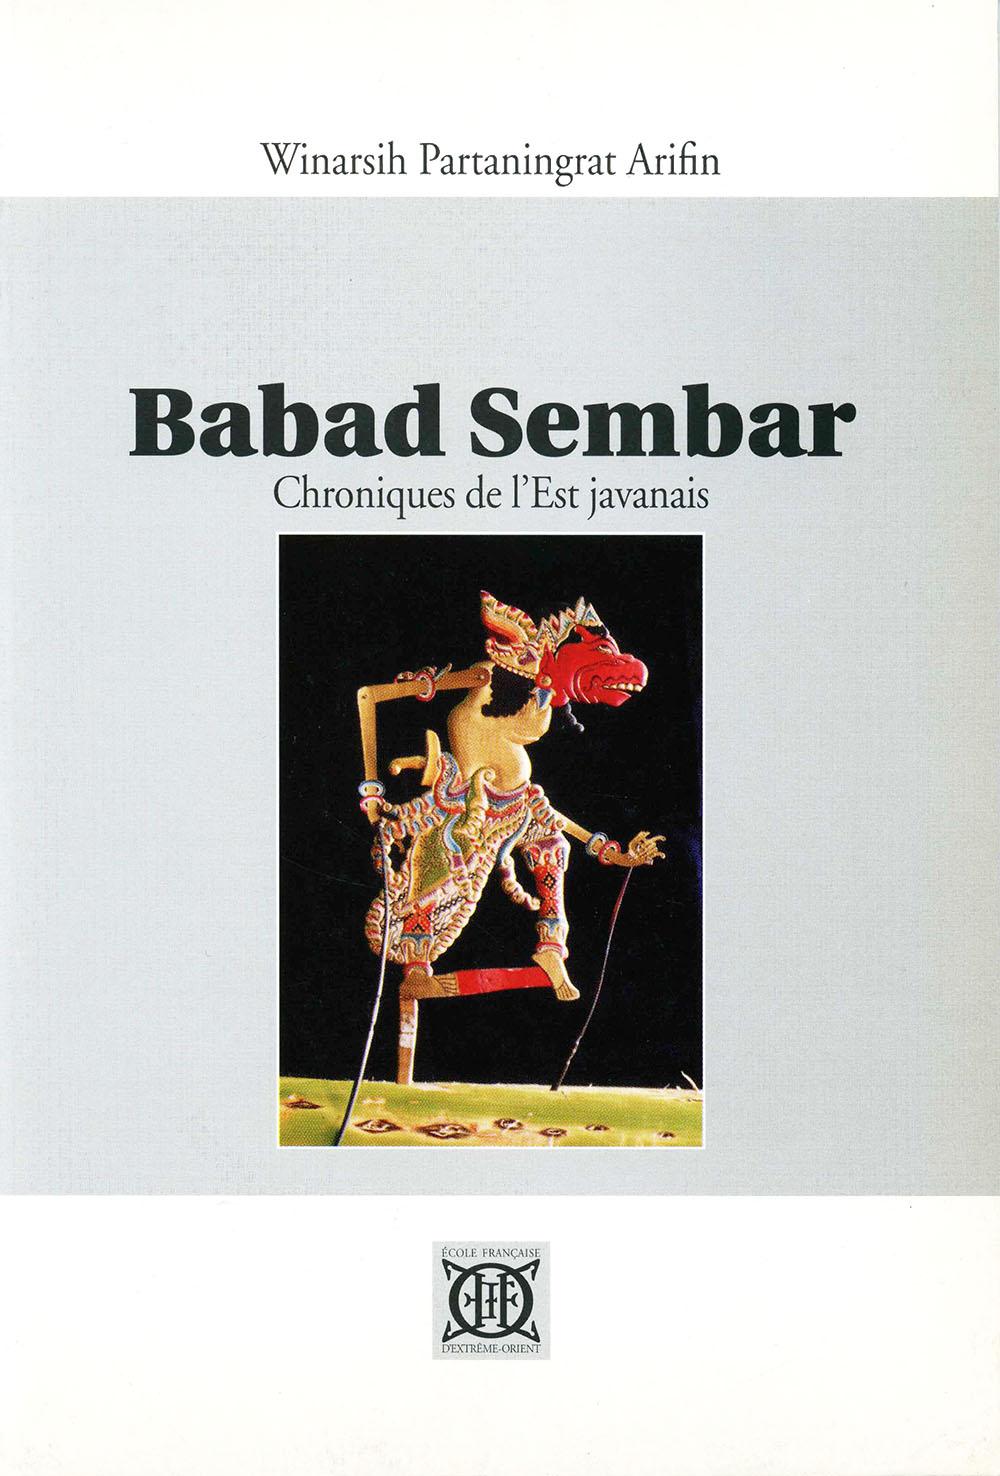 Babad Sembar